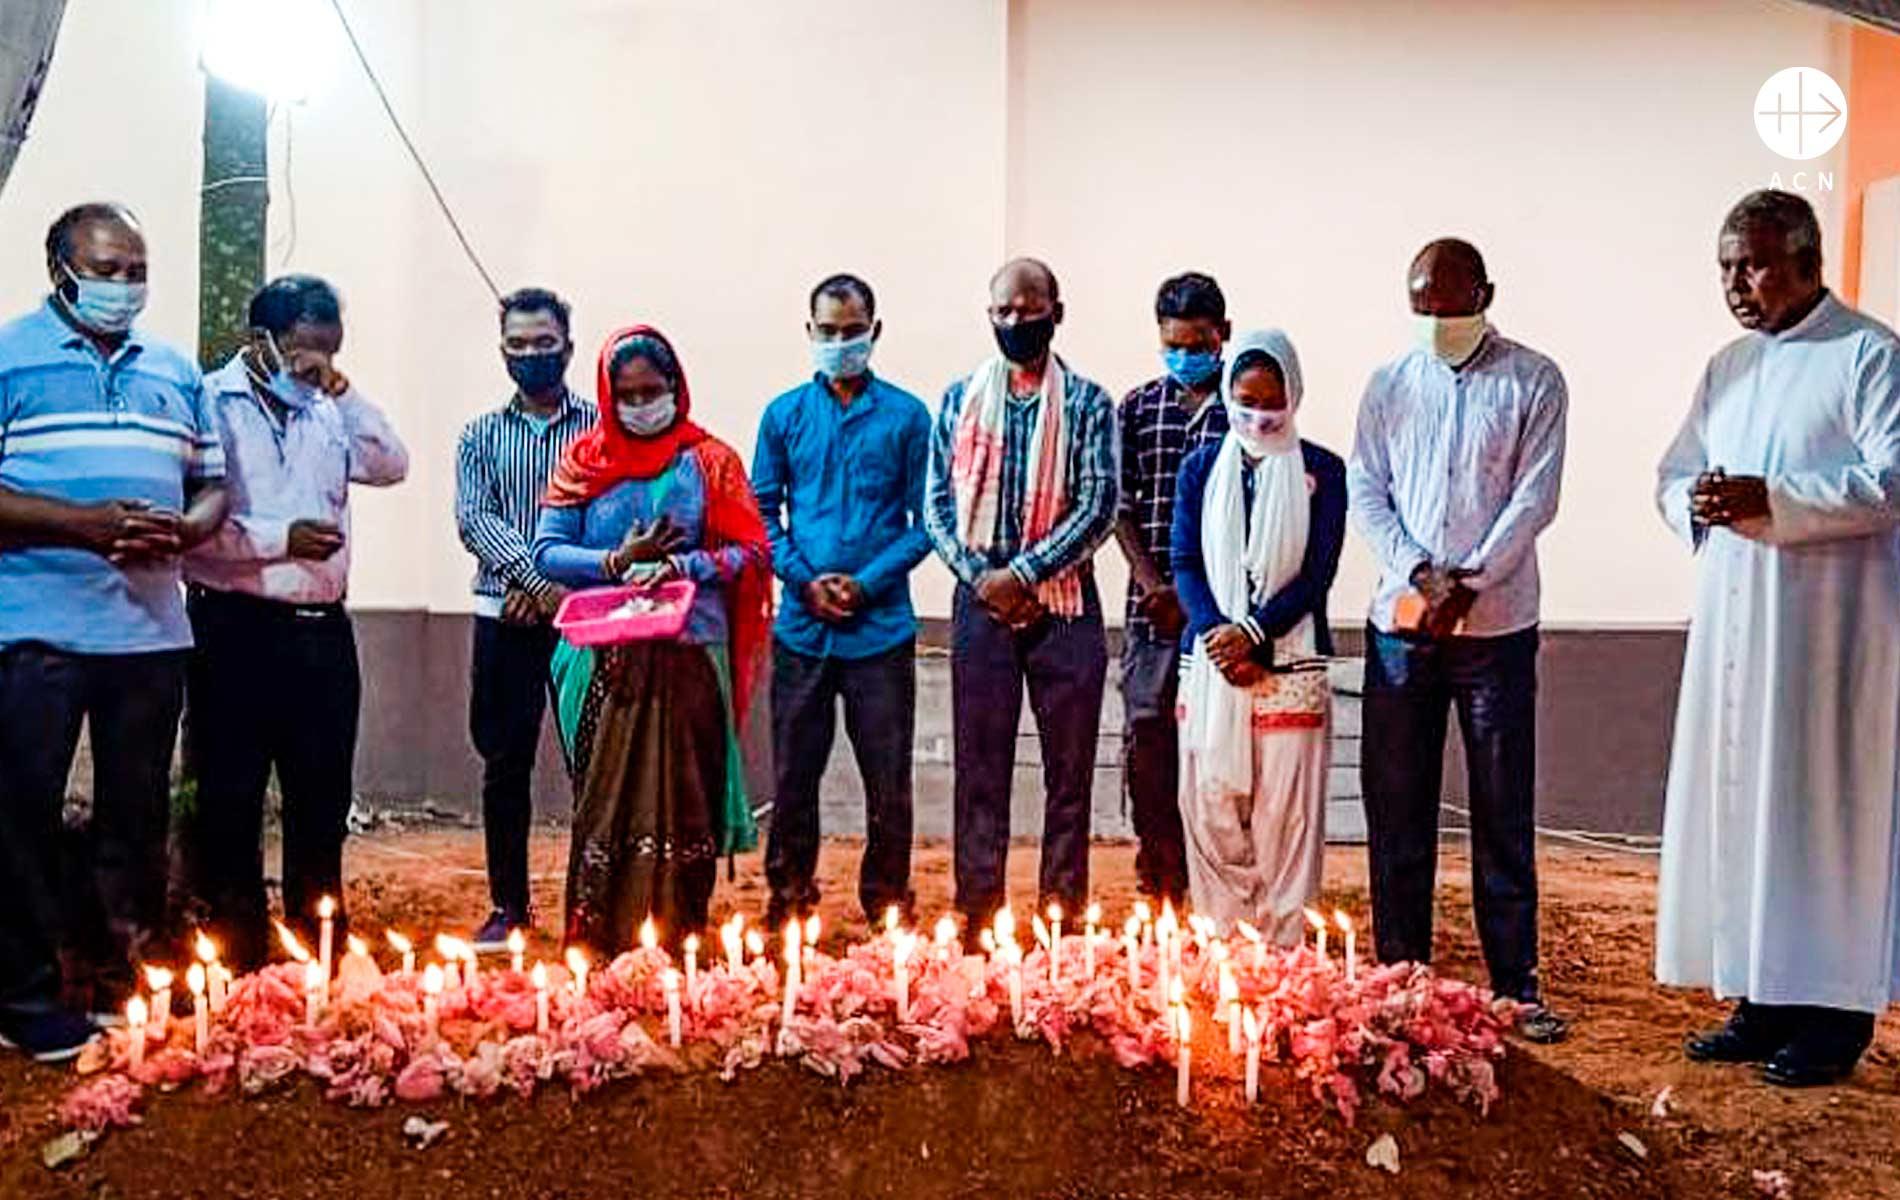 Pacote de ajuda humanitária para Índia